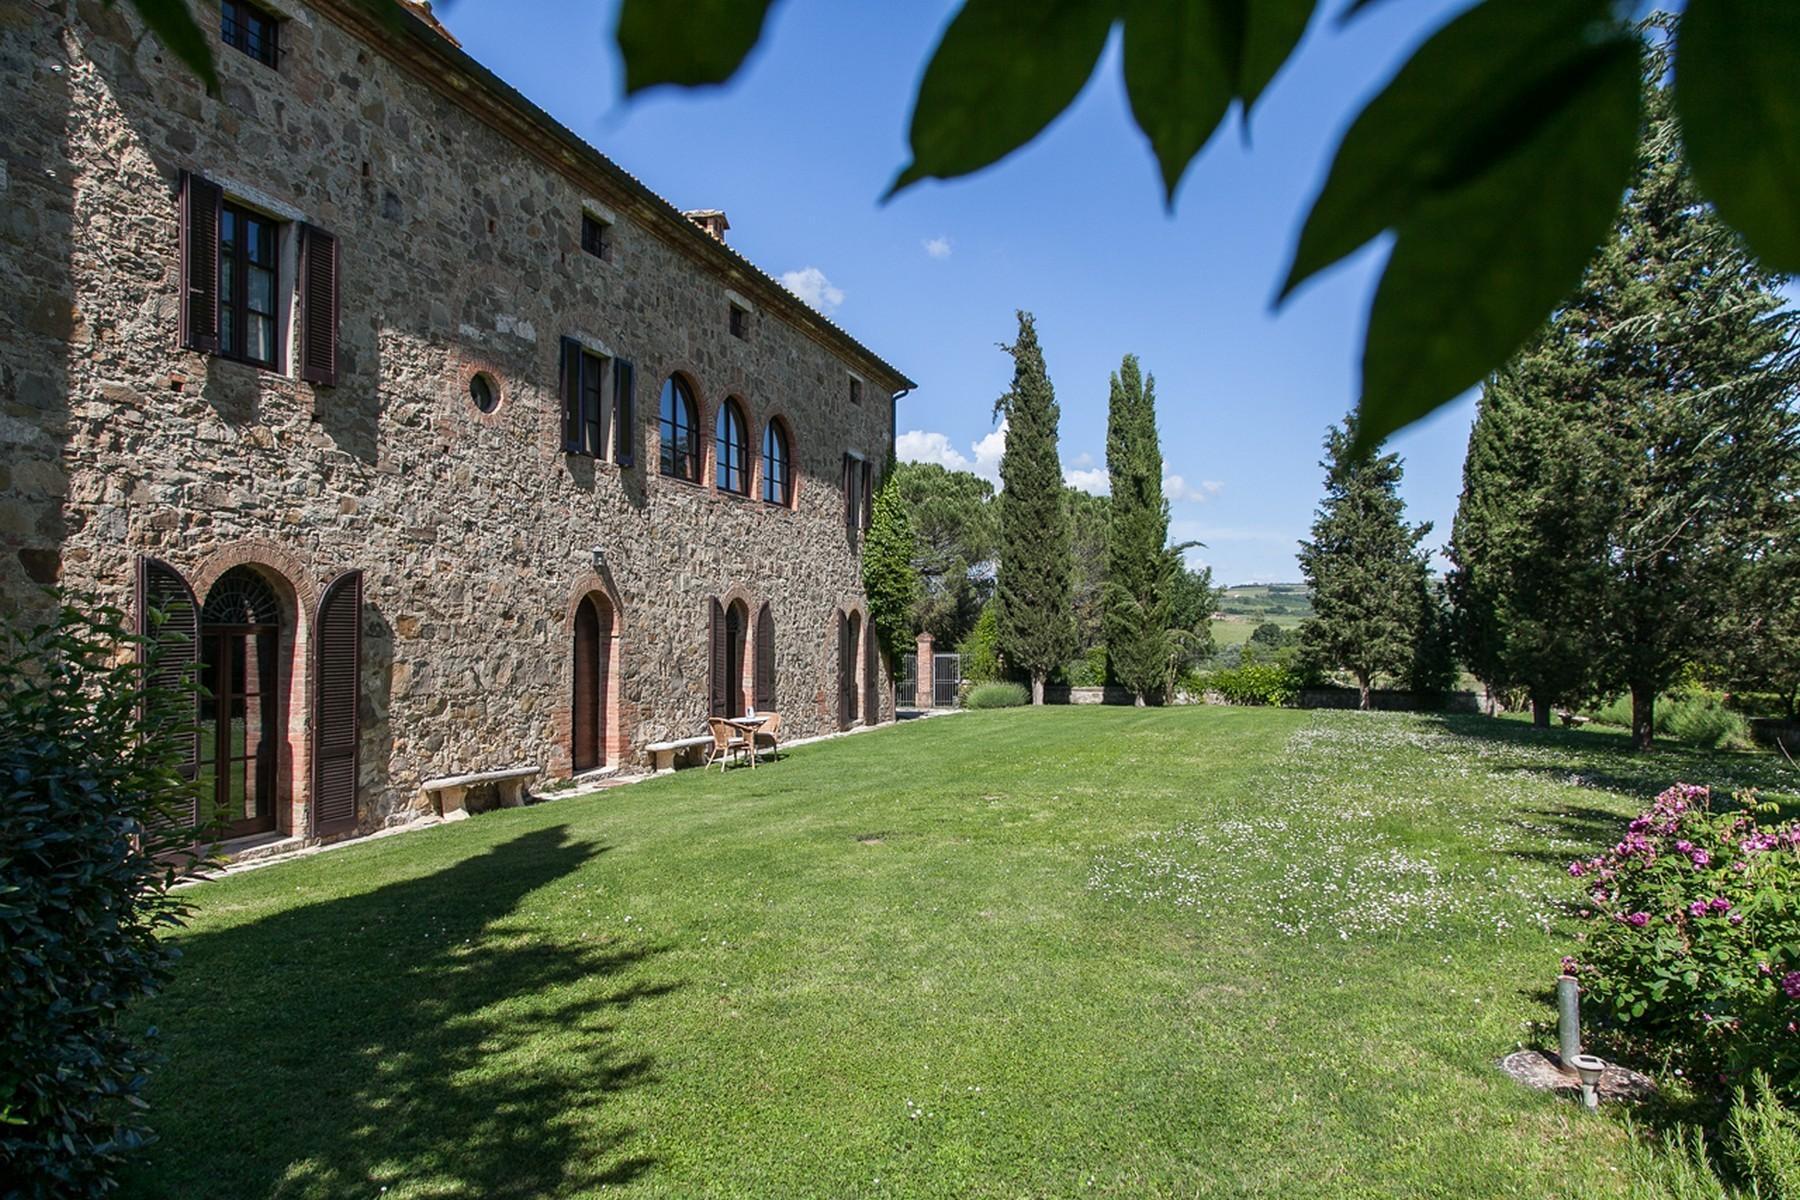 来自16世纪锡耶纳乡村优雅而古典的农舍 - 3